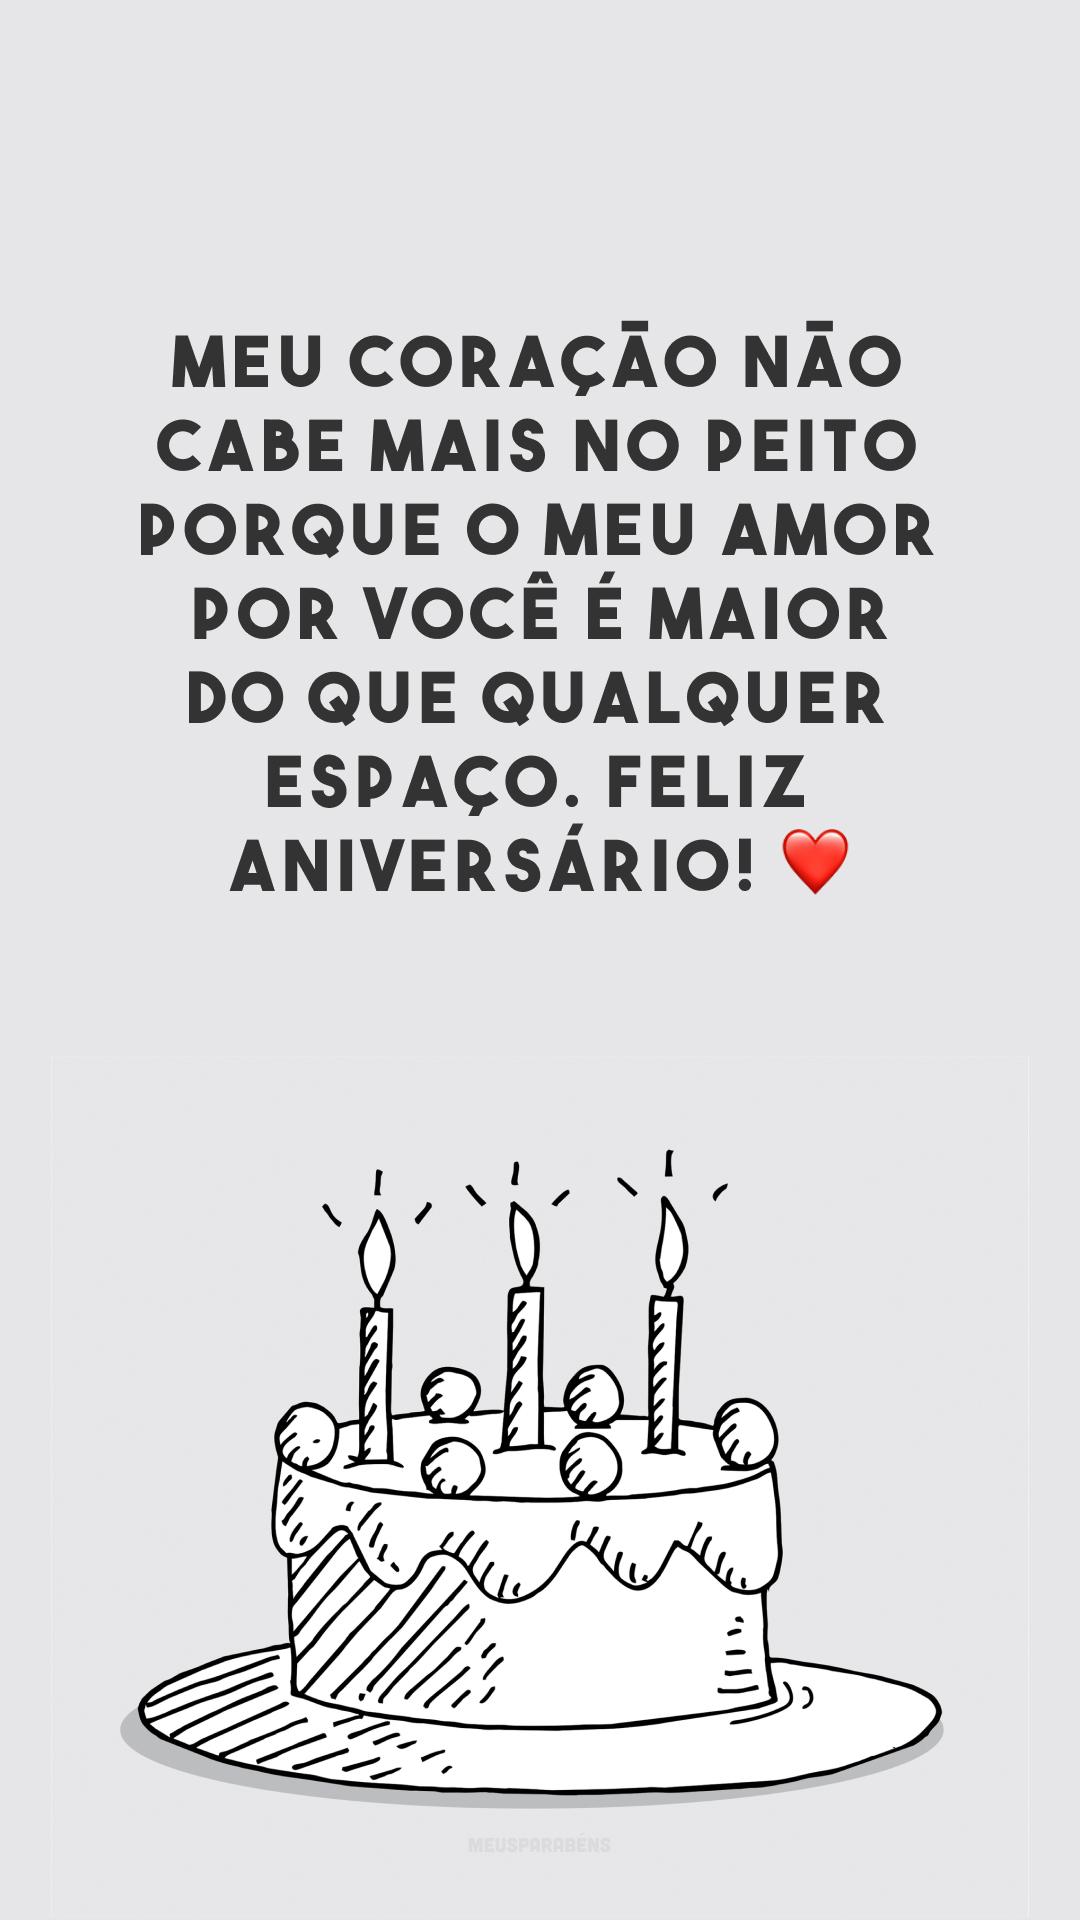 Meu coração não cabe mais no peito porque o meu amor por você é maior do que qualquer espaço. Feliz aniversário! ❤